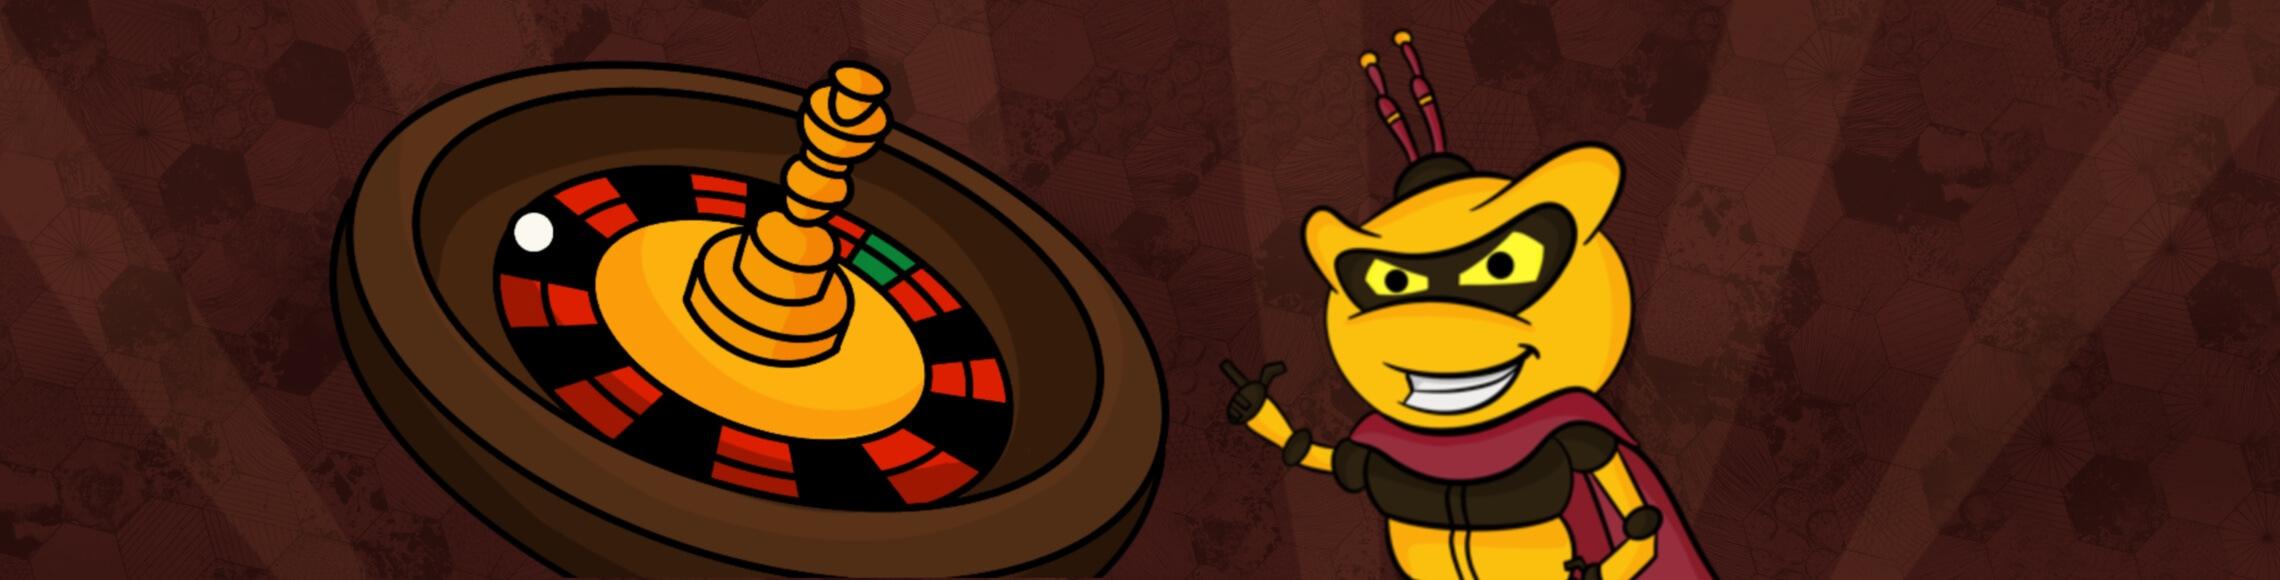 beste online roulette-nettstedene med ekte penger